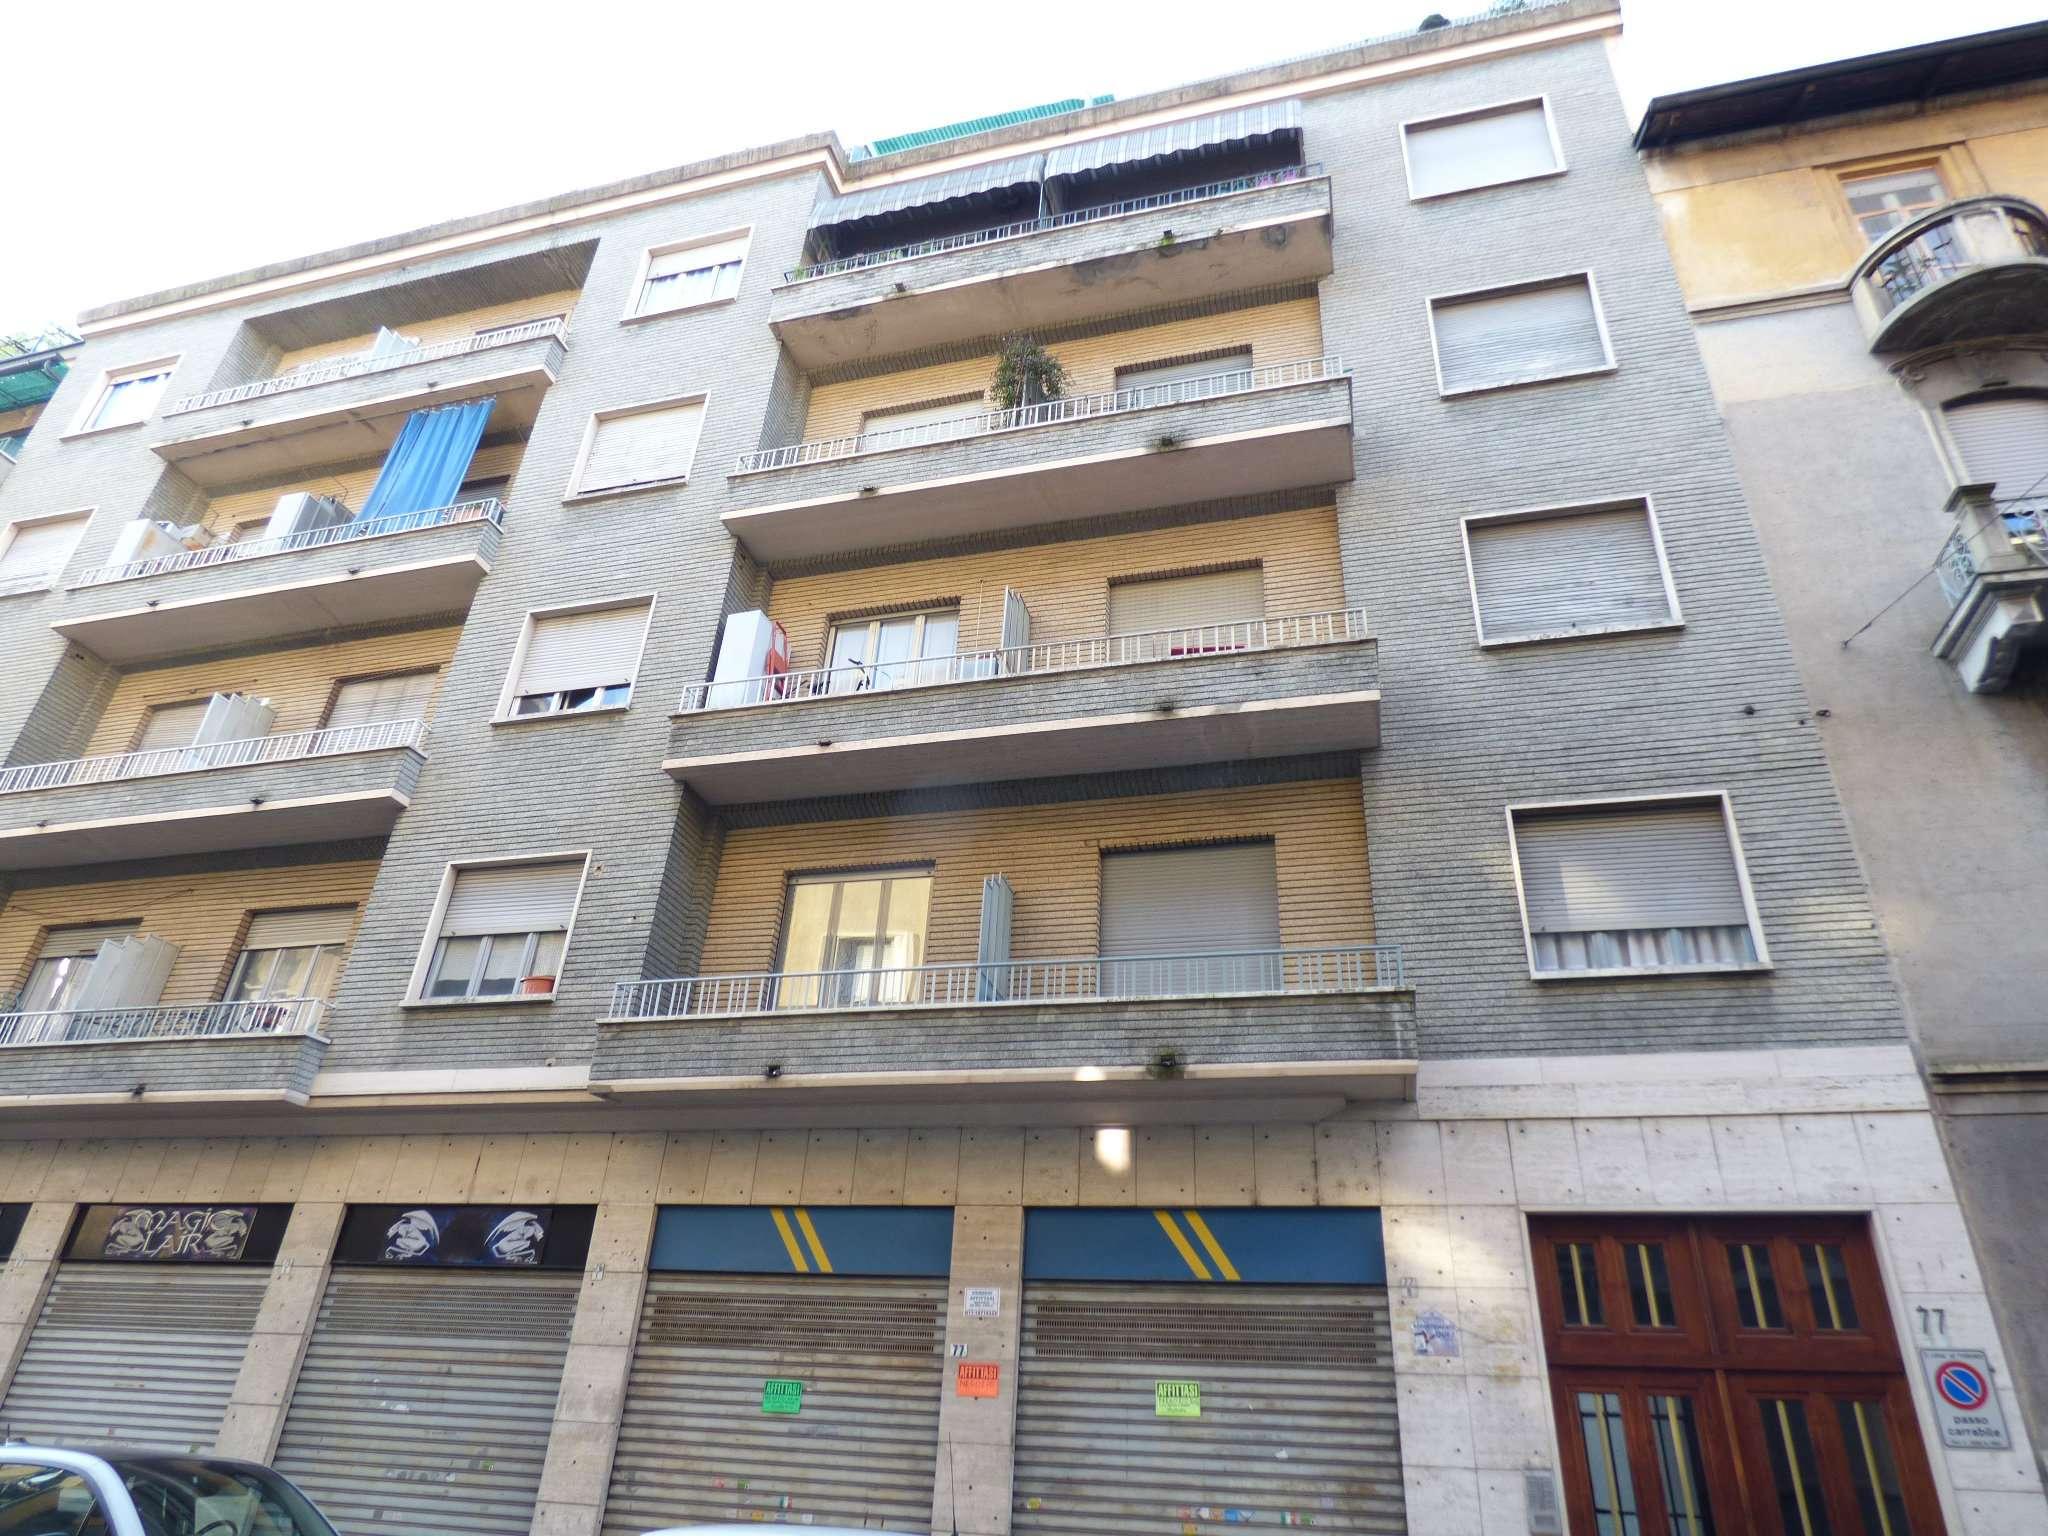 Appartamento in vendita Zona Cit Turin, San Donato, Campidoglio - via Principessa Clotilde 77 Torino